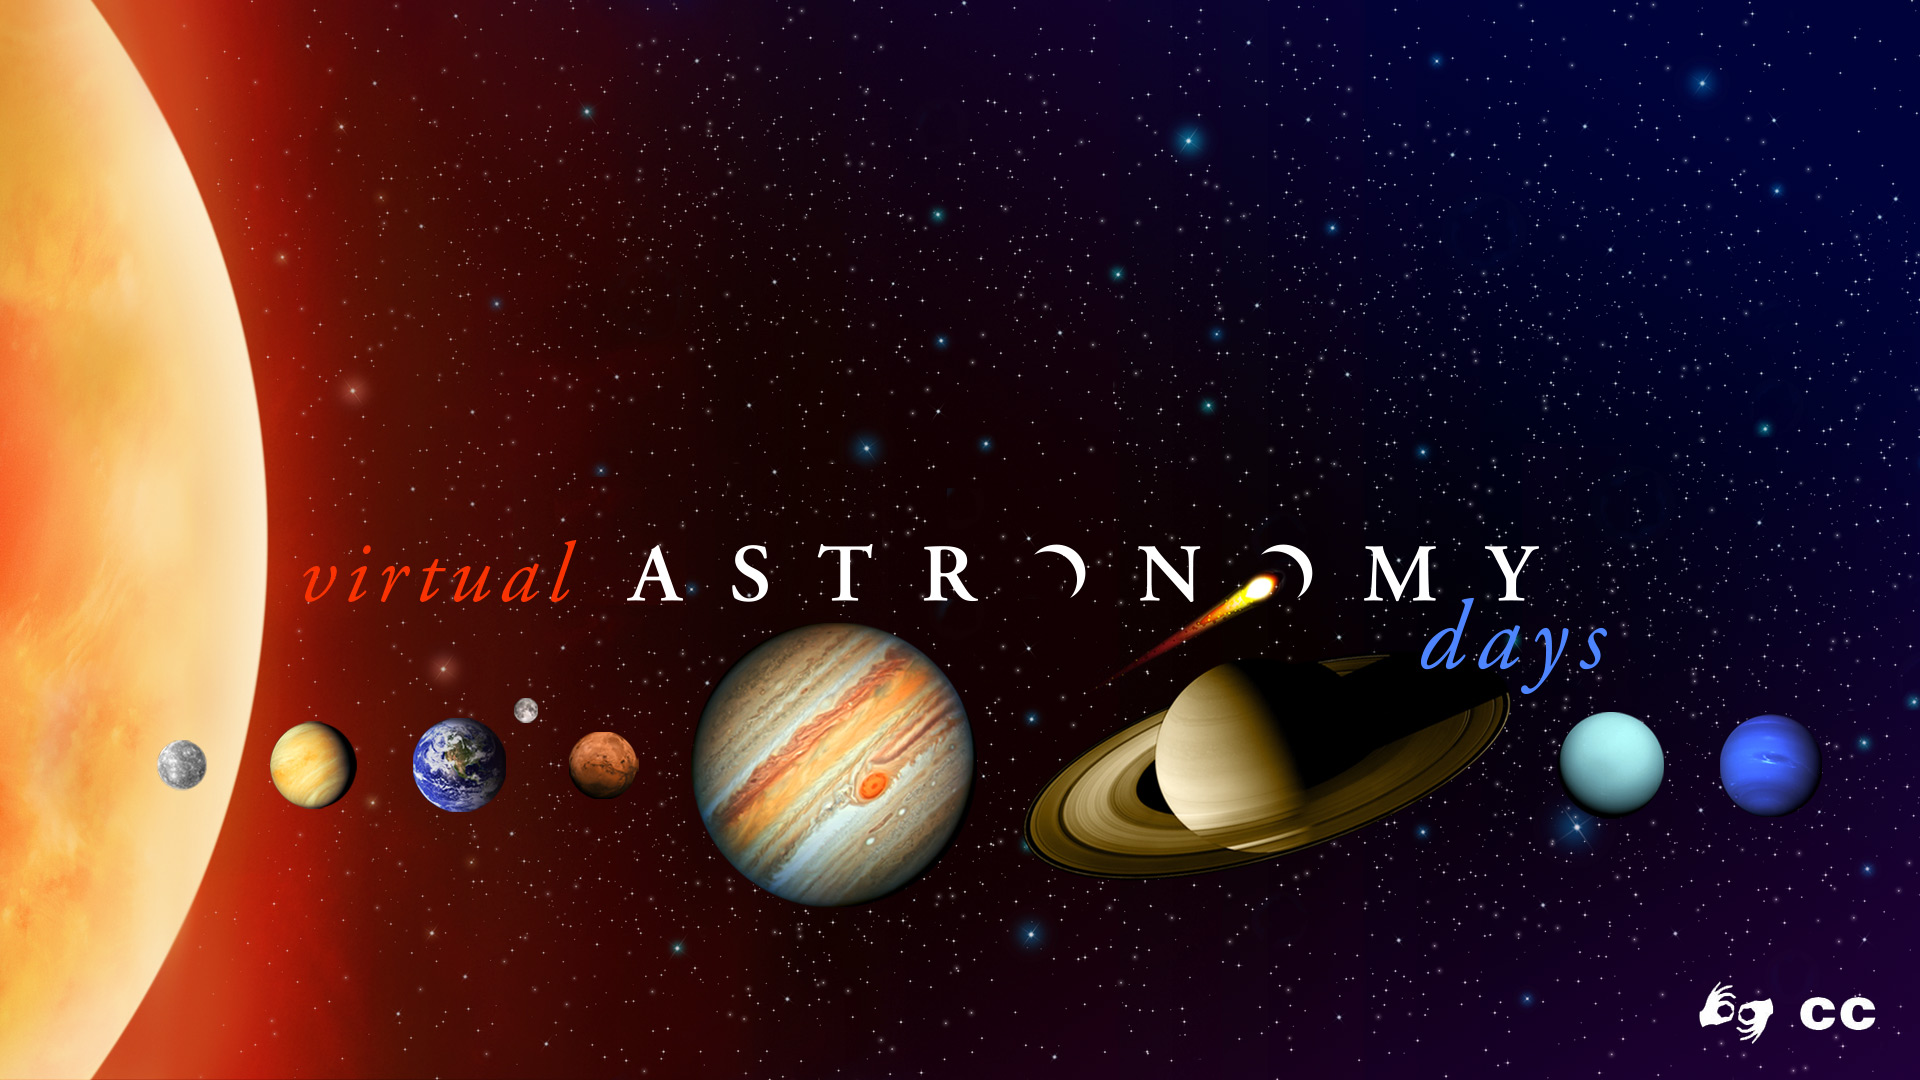 Virtual Astronomy Days: January 25–31